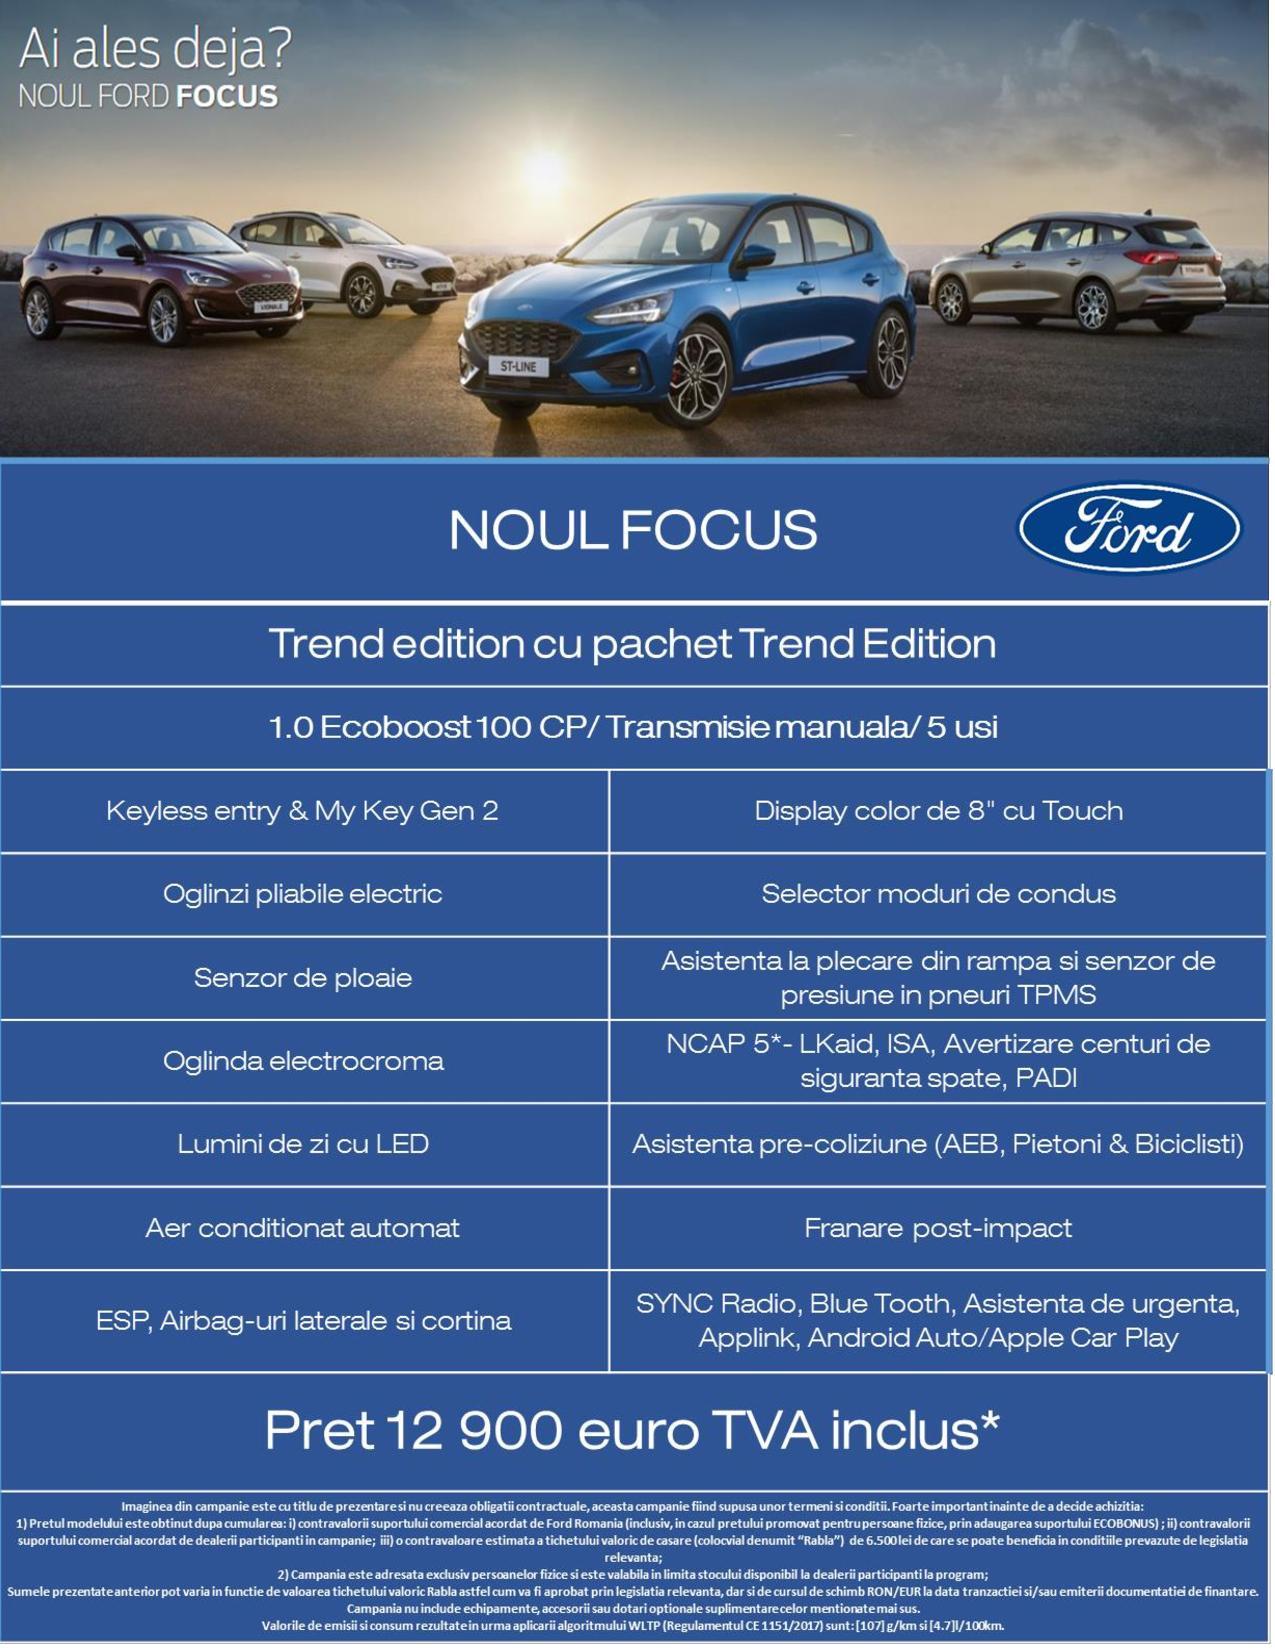 Oferta de lansare noul Ford Focus